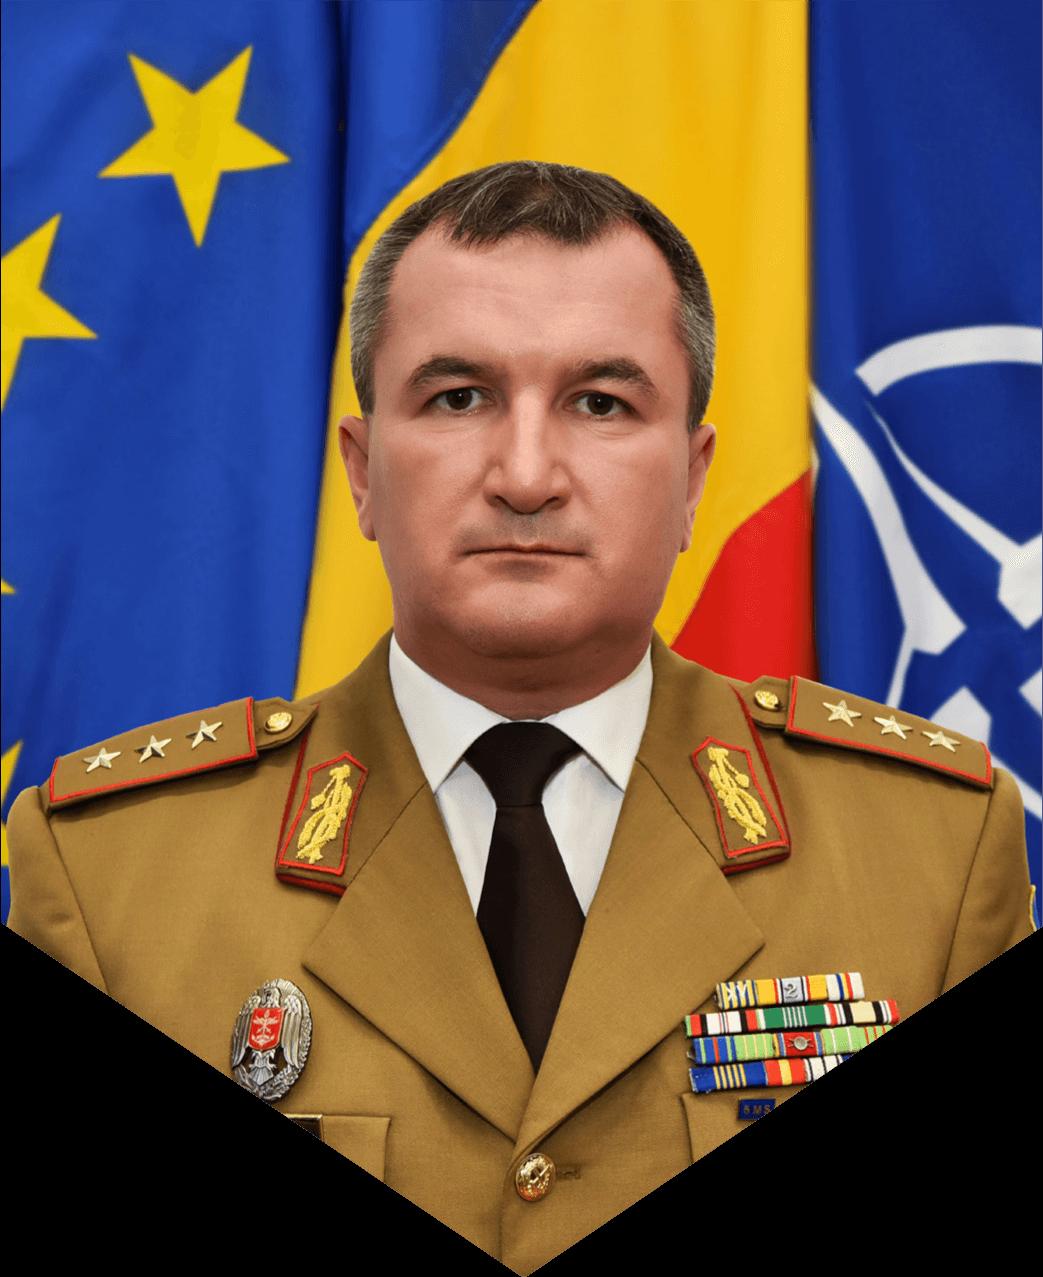 Lt. Gen. Daniel Petrescu